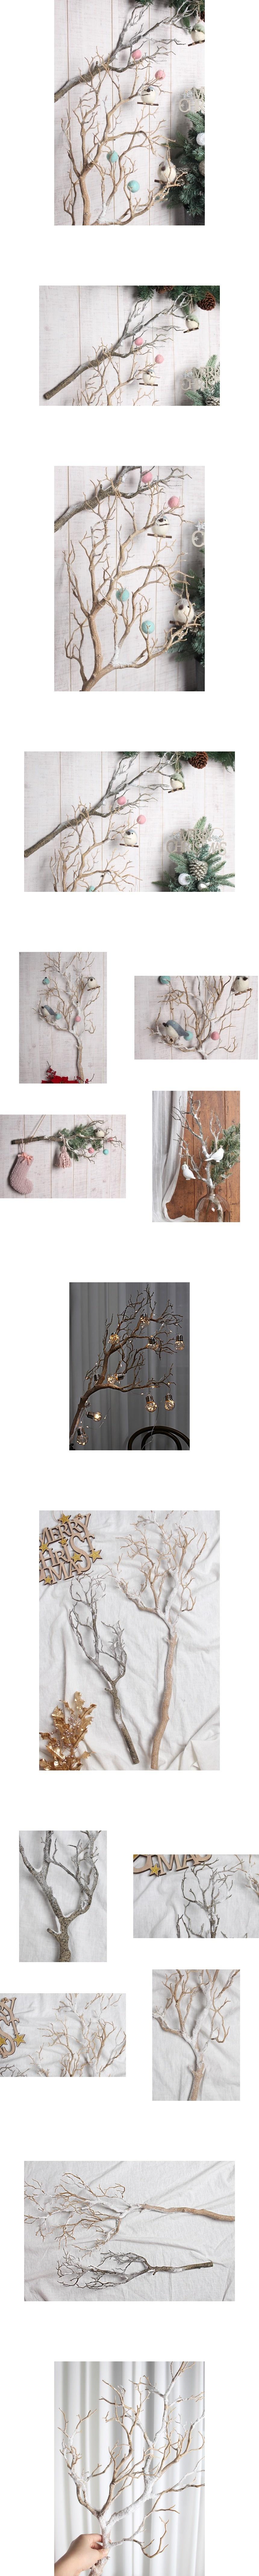 스노우 나무가지 조화(2type) - 디자인, 25,700원, 조화, 부쉬